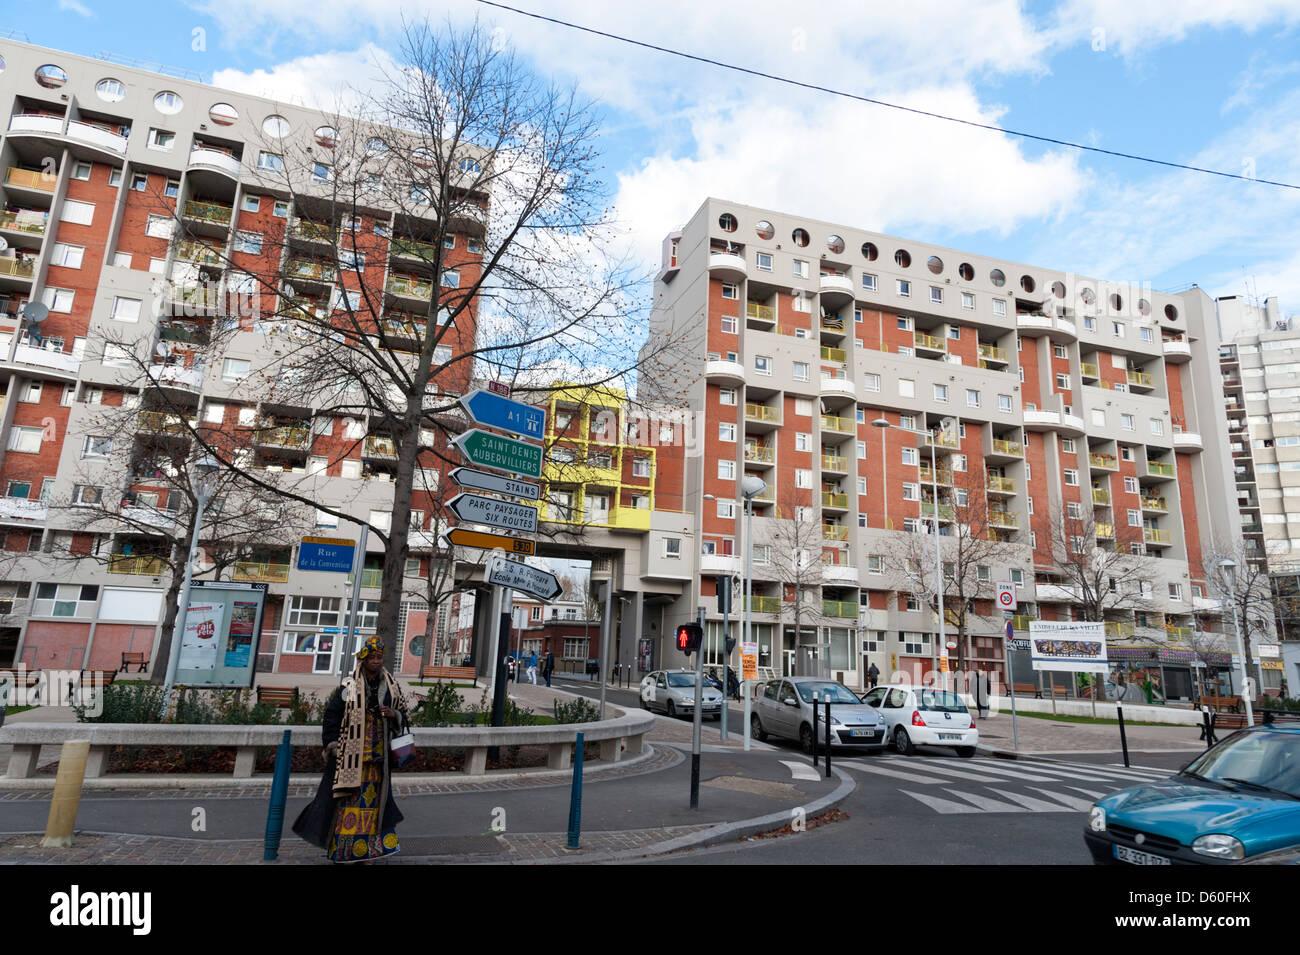 Blocs d'appartements dans la banlieue parisienne de La Courneuve Banque D'Images